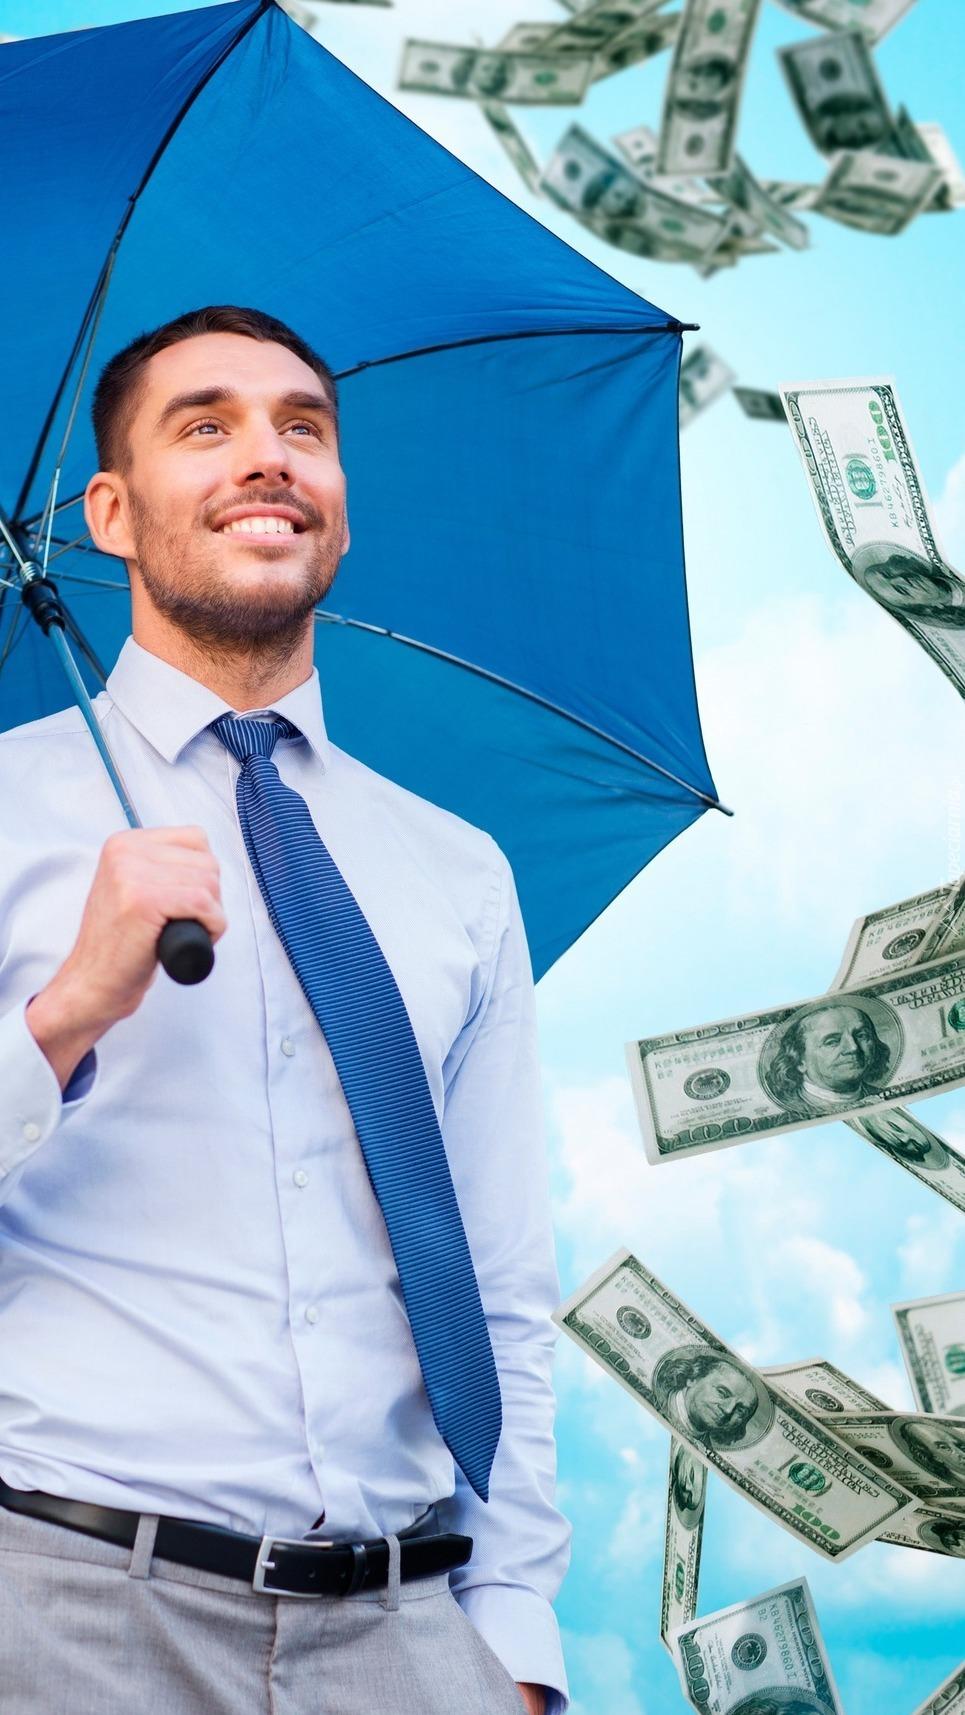 Mężczyzna z parasolem i pieniądze